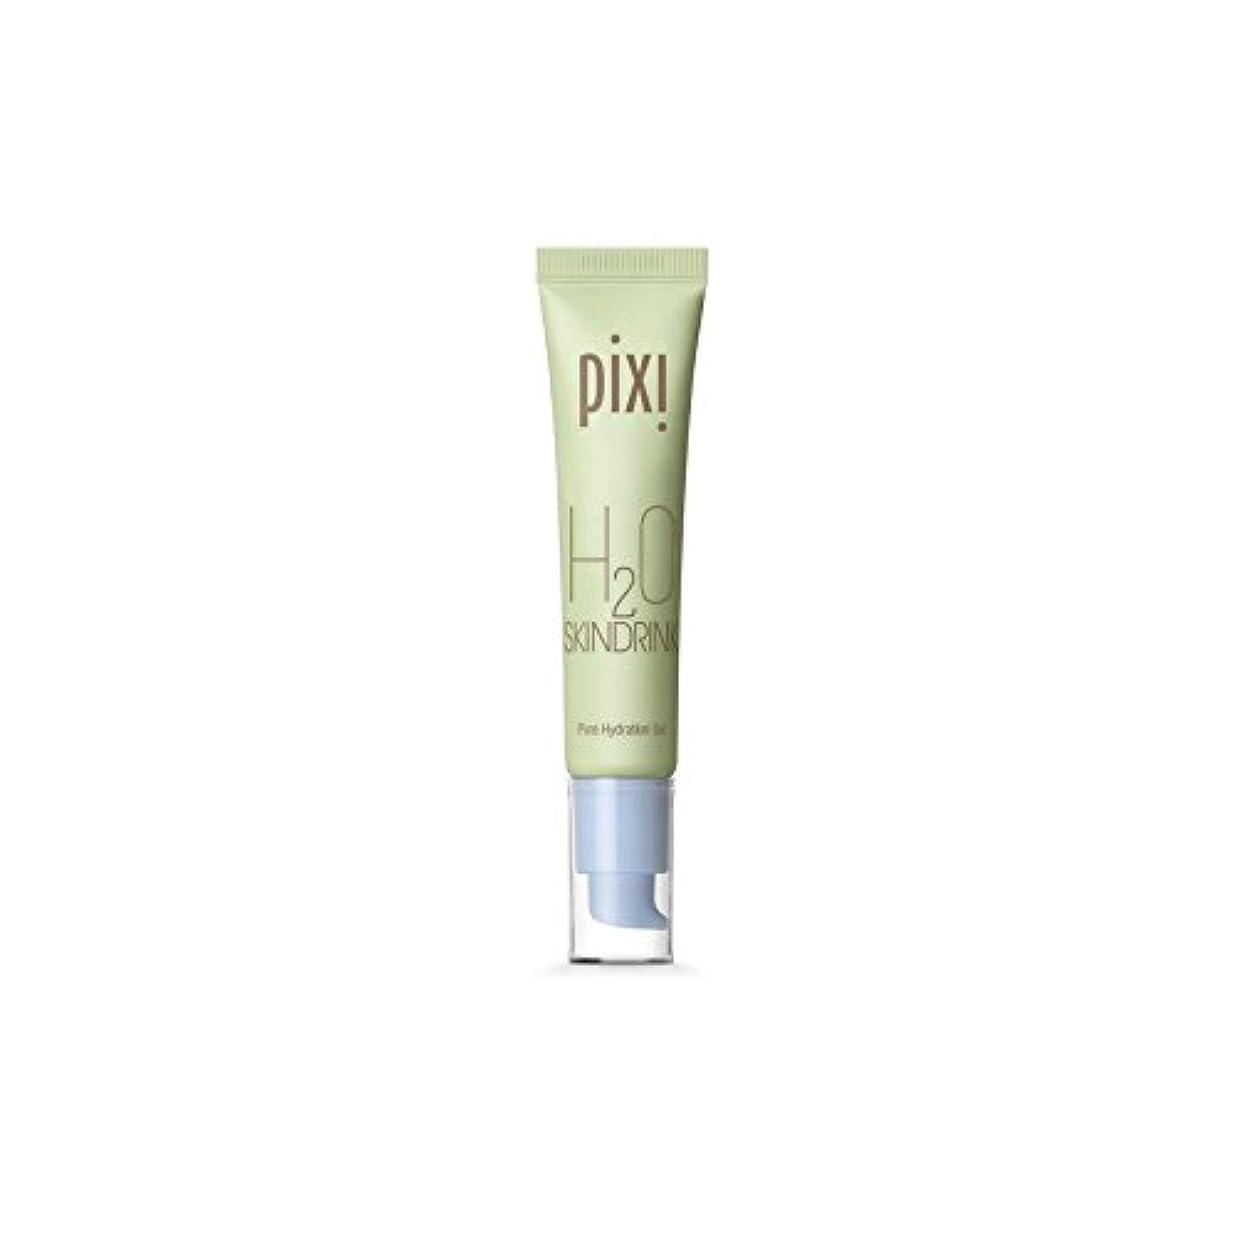 真剣に感じ宙返り20スキンドリンク x4 - Pixi H20 Skin Drink (Pack of 4) [並行輸入品]